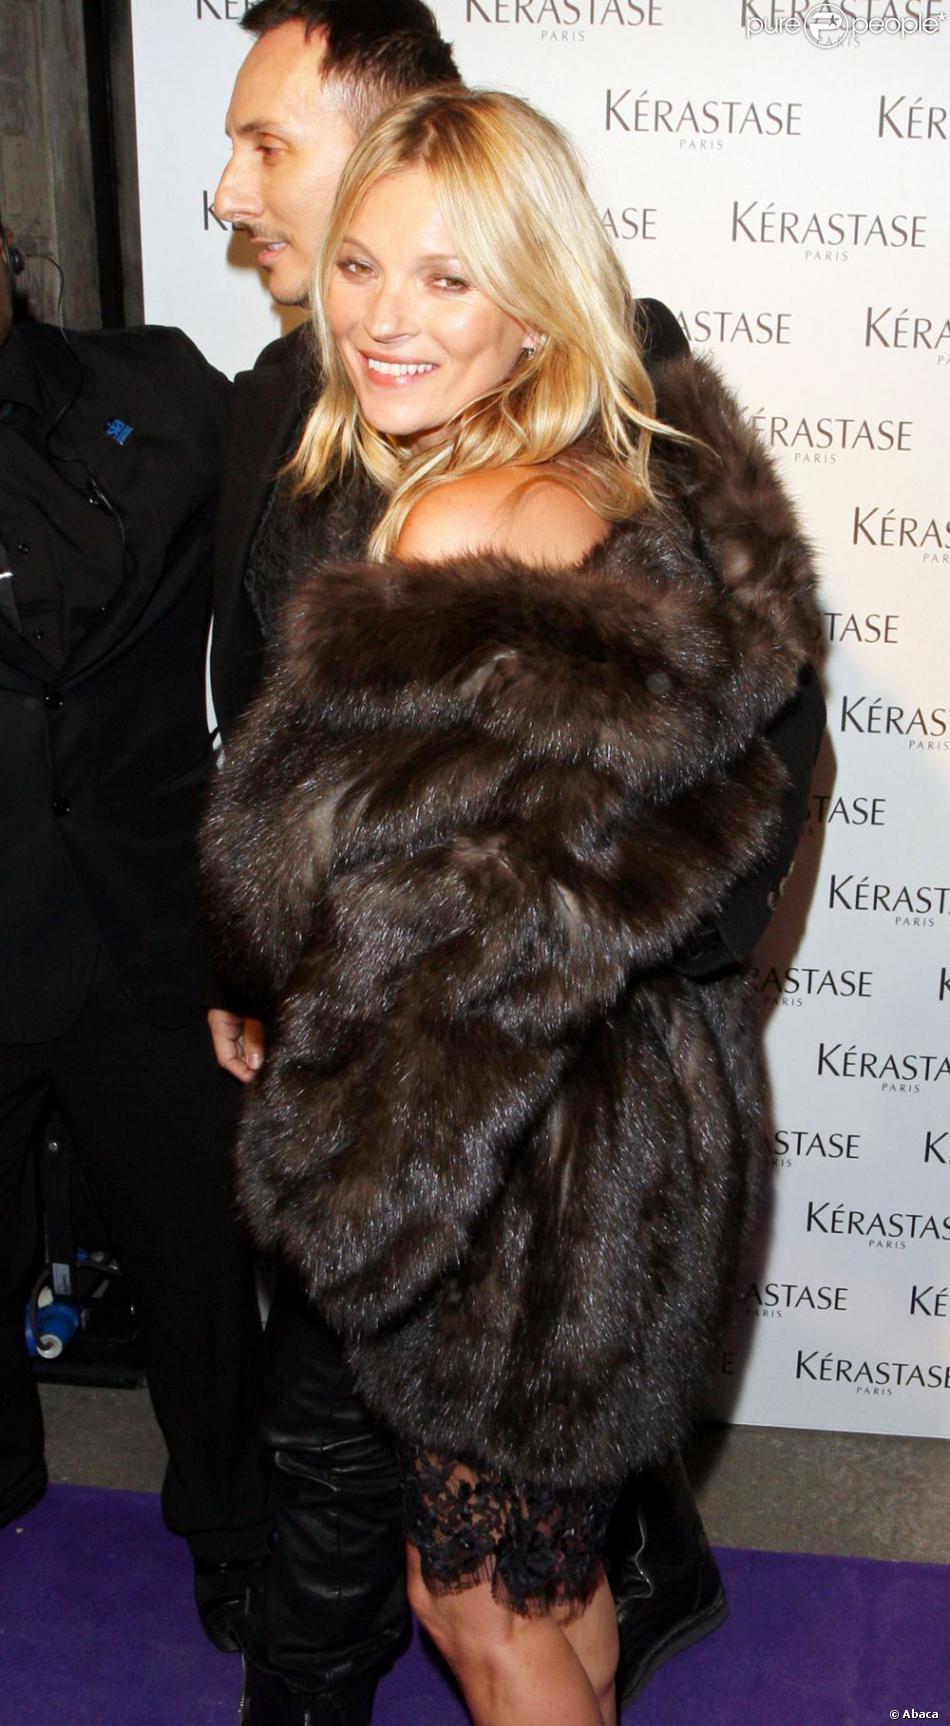 Kate Moss et le coiffeur Luigi Murenu assistent à la soirée Kérastase Paris au One Mayfair. Londres, le 11 mars 2013.